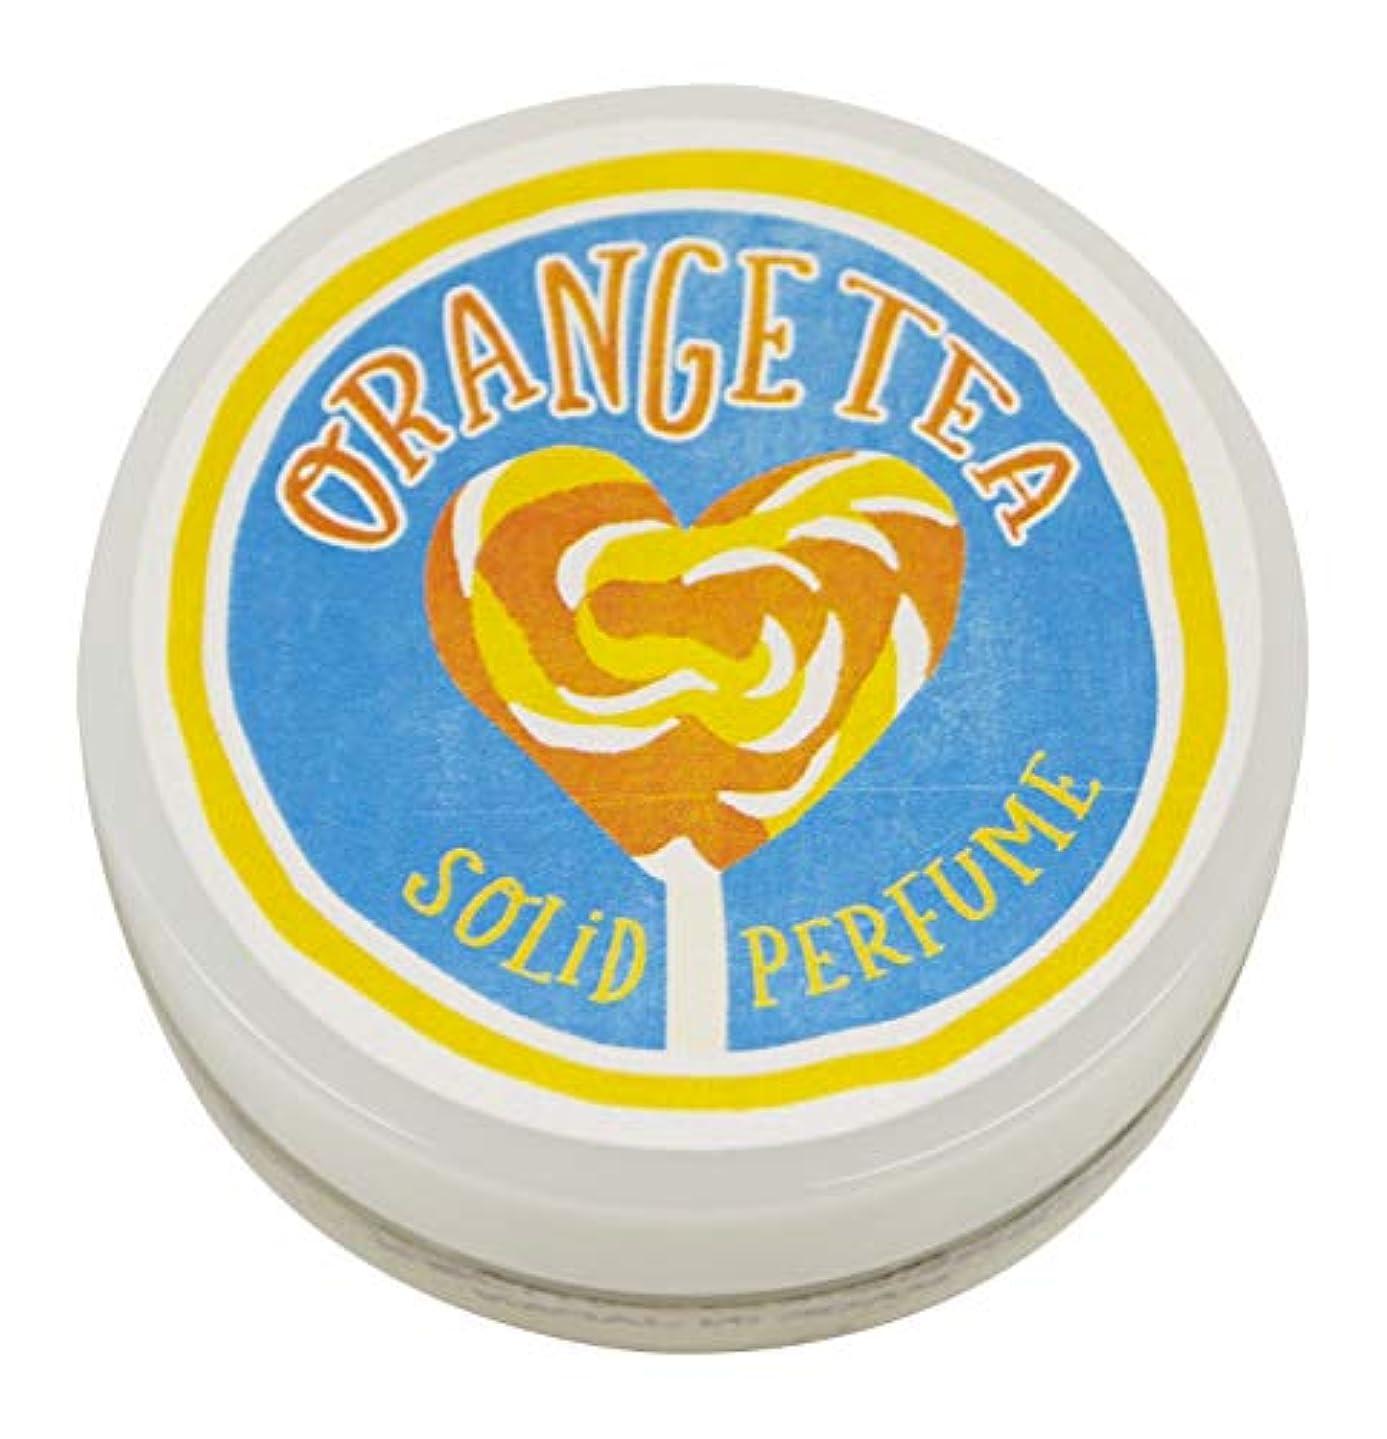 クレーター社会主義者構成するコトラボ 練り香水 8g オレンジティー